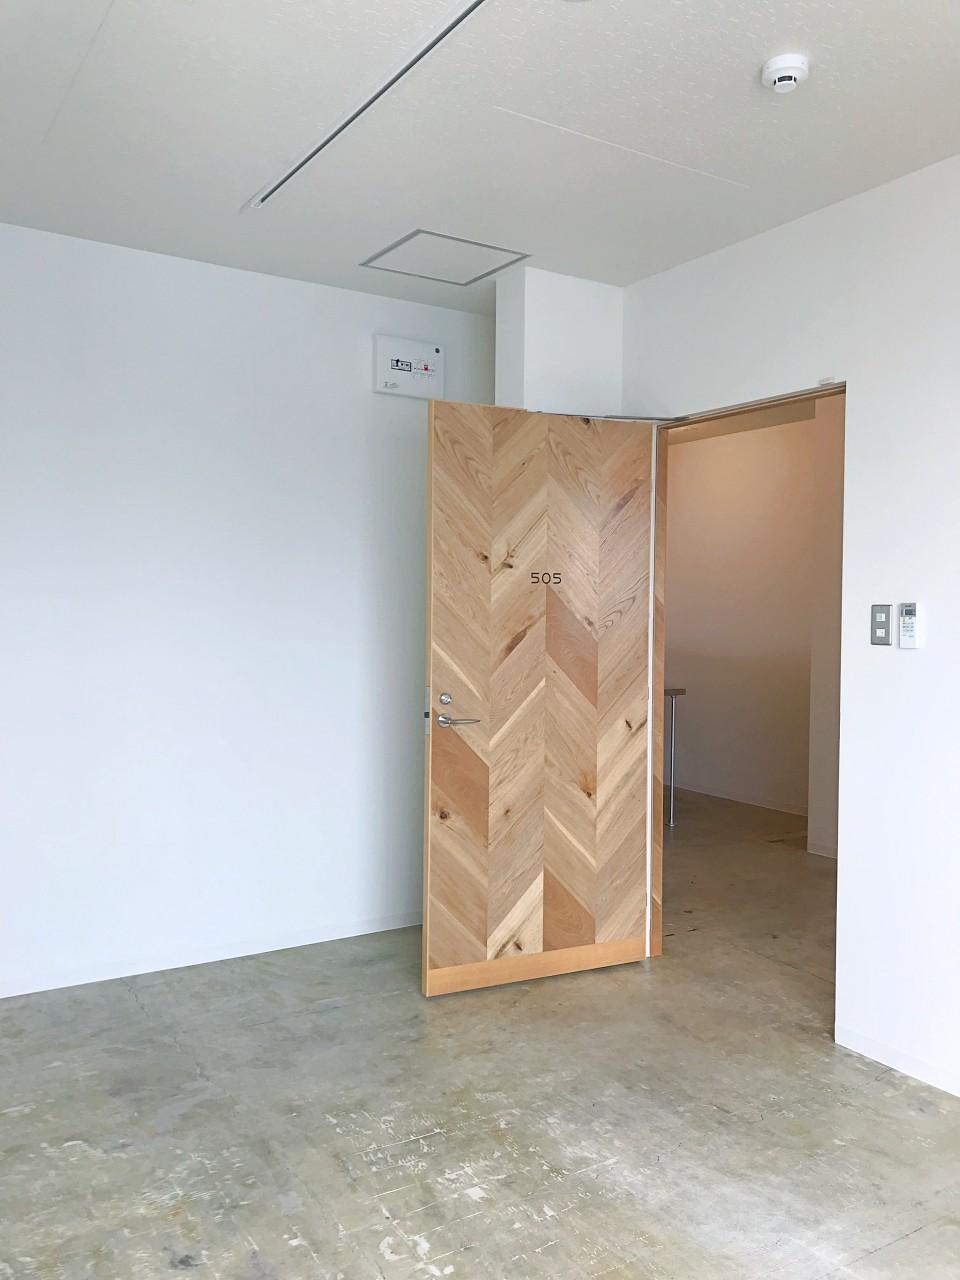 ヘリンボーンの壁で、隠し部屋のようになっている区画も